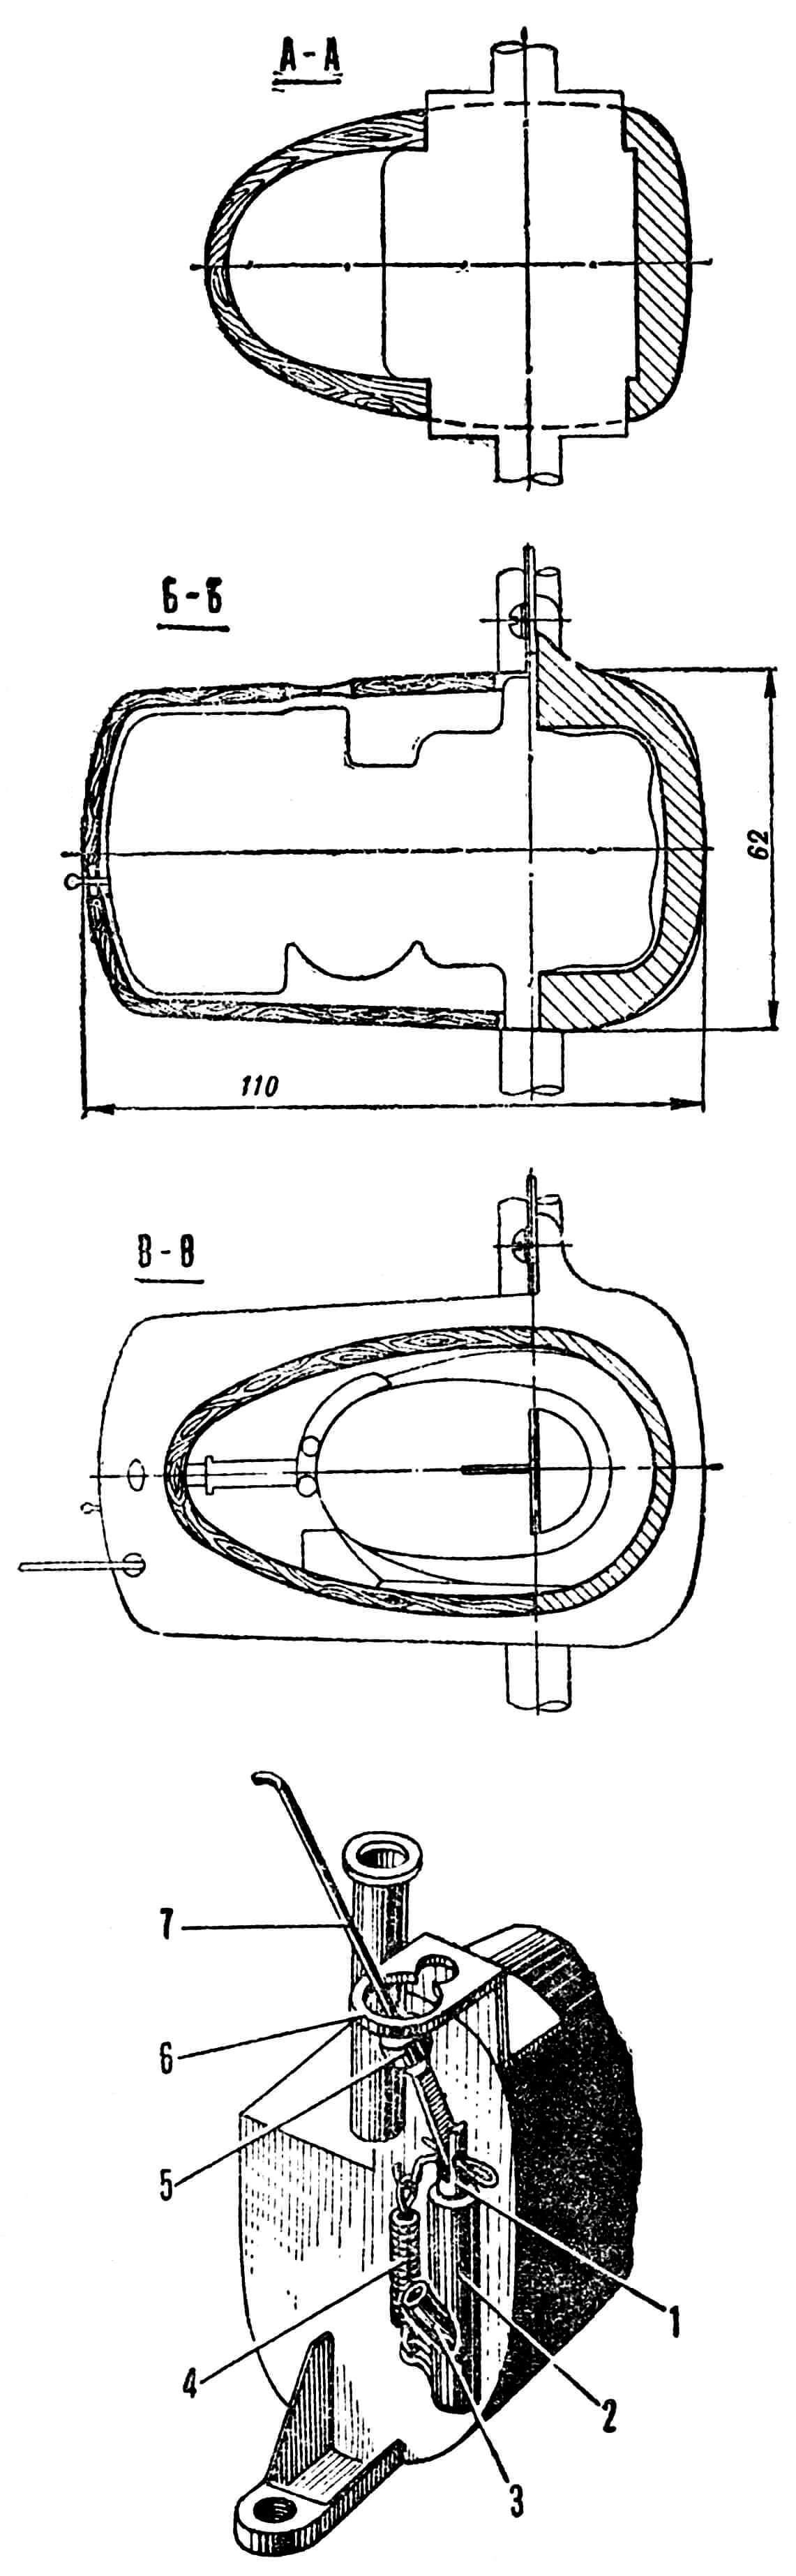 РИС. 2. ОСТАНОВОЧНОЕ ПРИСПОСОБЛЕНИЕ: 1 — поршень; 2 — корпус краника; 3 — отводная трубка; 4 — пружина; 5 — втулка; 6 — фиксирующая планка; 7 — антенна.